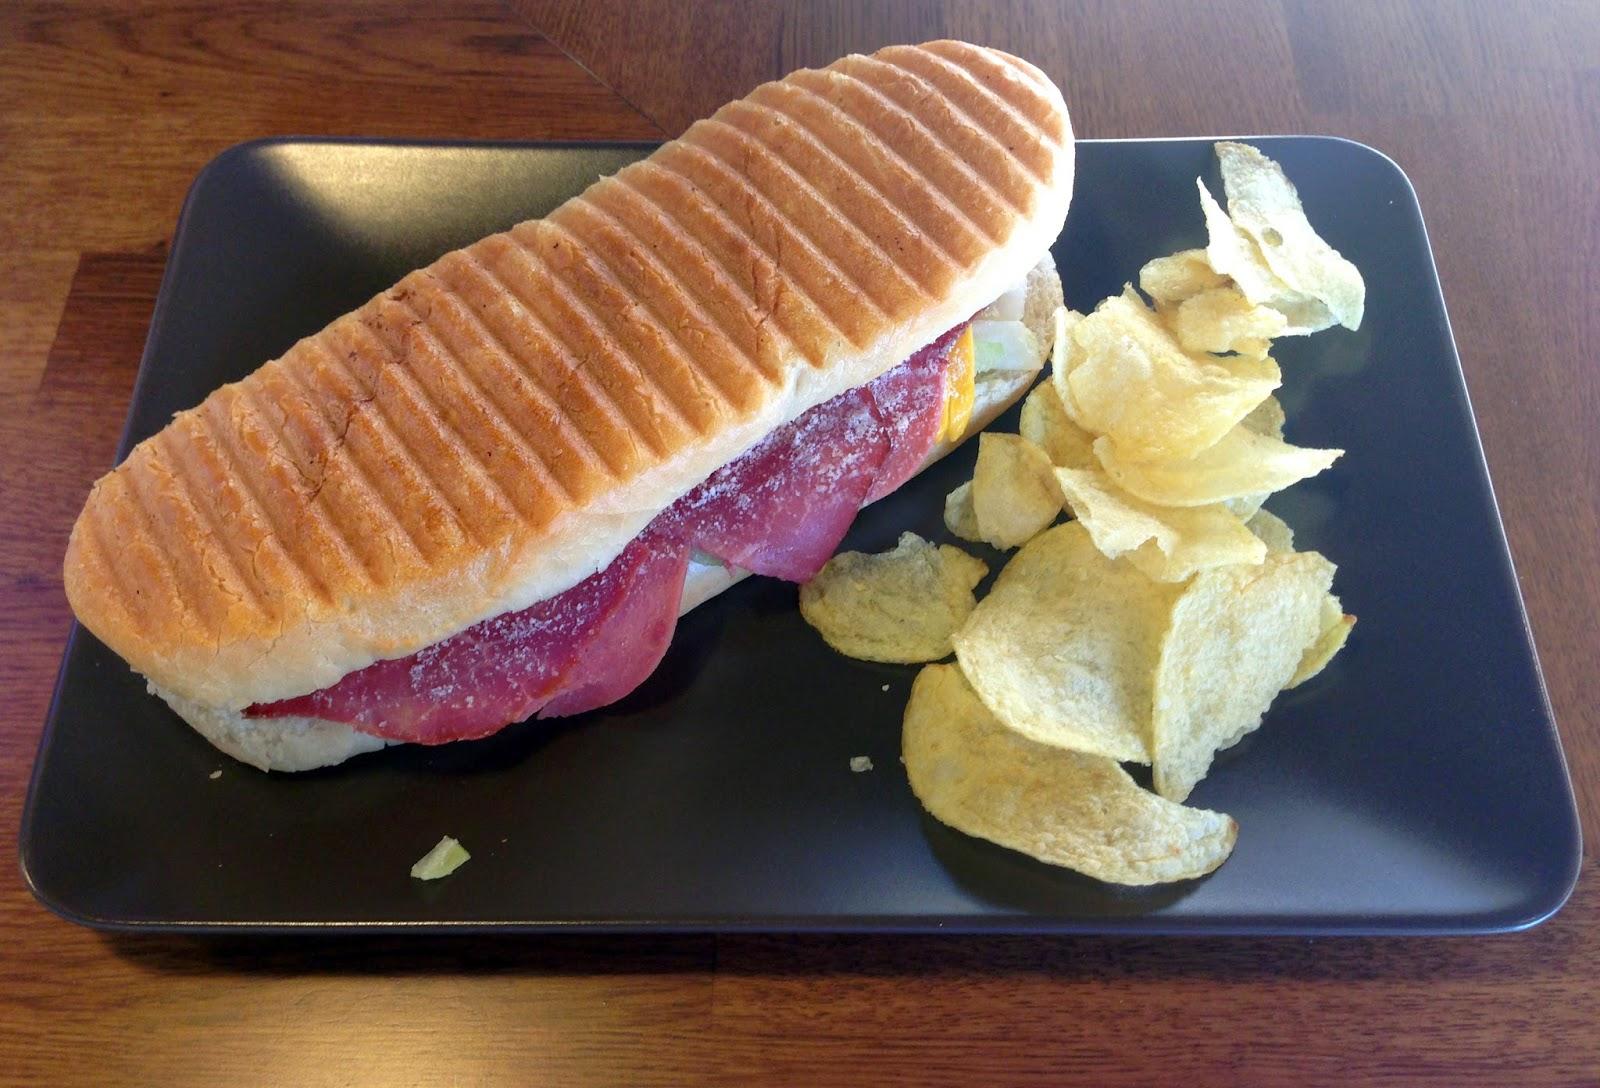 Çatkapı - Ankara lezzetleri: 35 mm Sandwich - Ekmek arası ...